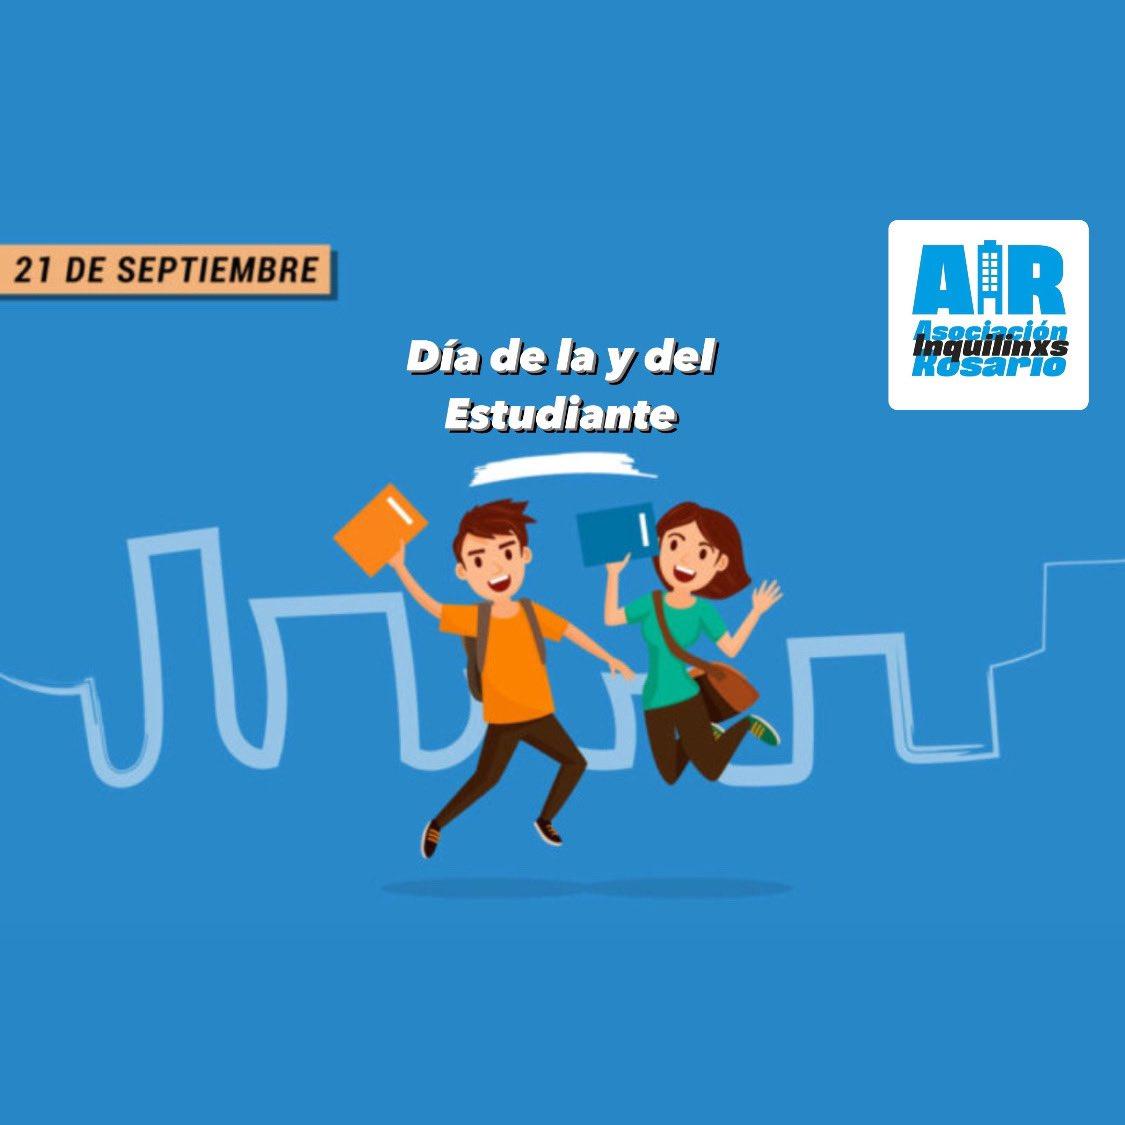 Les deseamos un muy Feliz Día a las y los Estudiantes En especial a todas aquellas y aquellos que para estudiar deben alquilar su vivienda y con lo justo llegar a pagarla mes a mes #DíaDeLaEstudiante #DiaDelEstudiante #Alquilar #Rosario #SantaFe #Argentina #Inquilinos #Inquilinas https://t.co/zdFha3CyFv